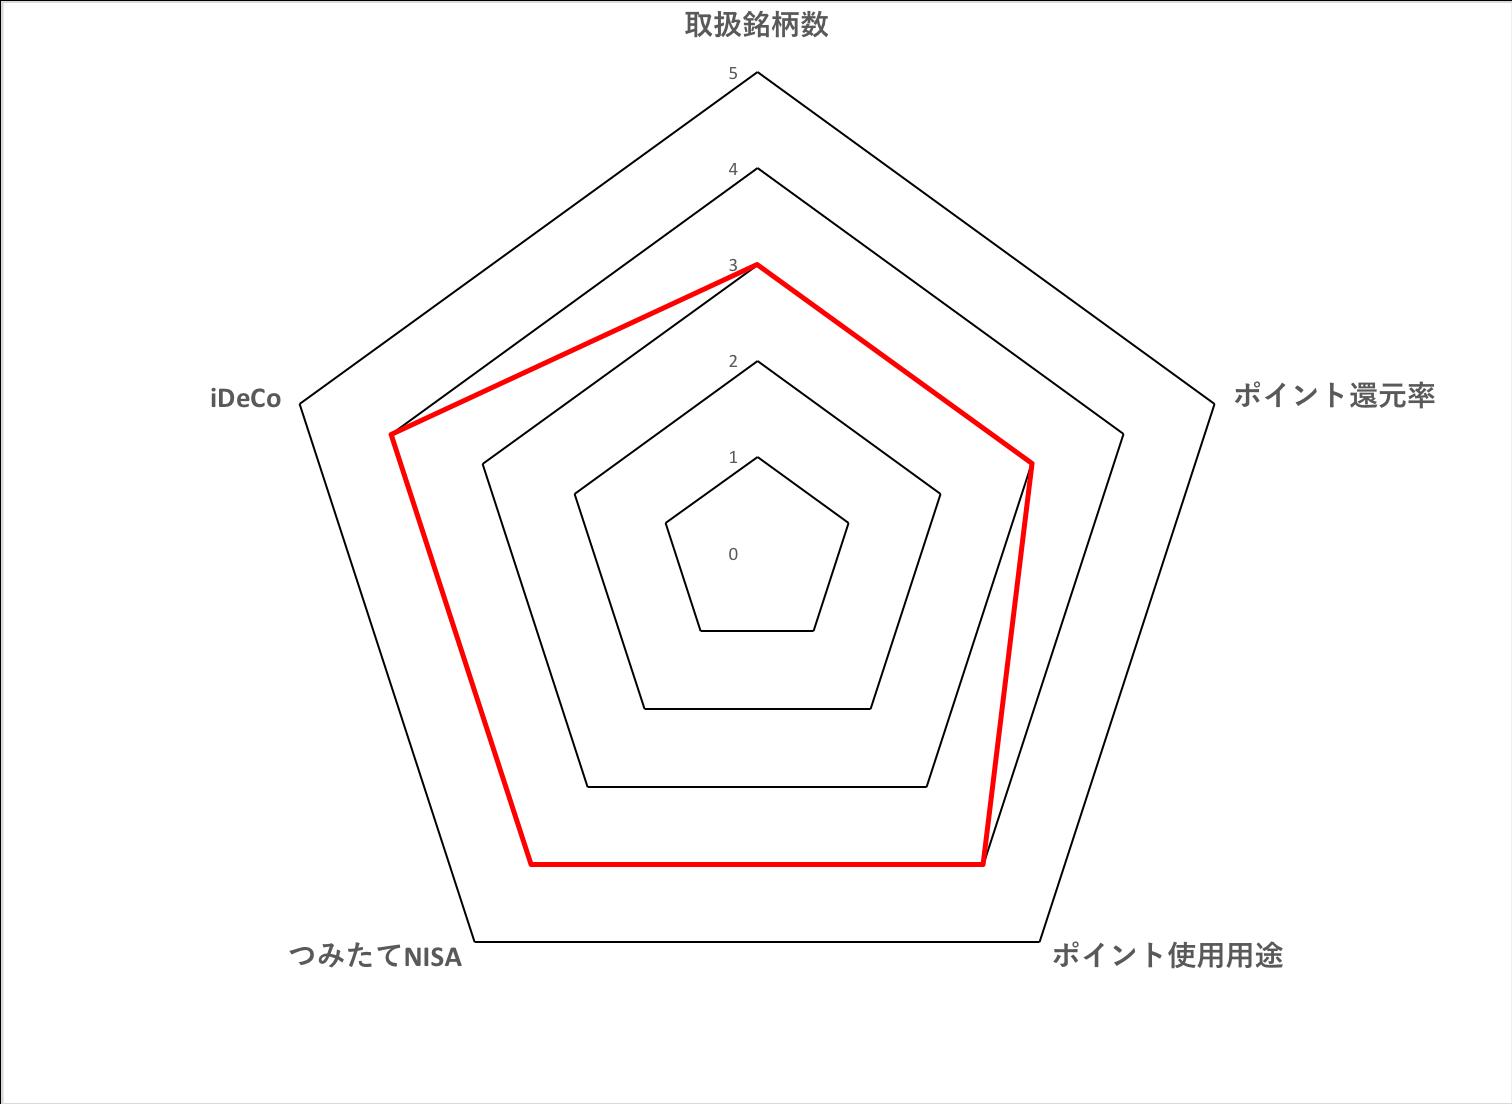 松井証券の投資信託の評価